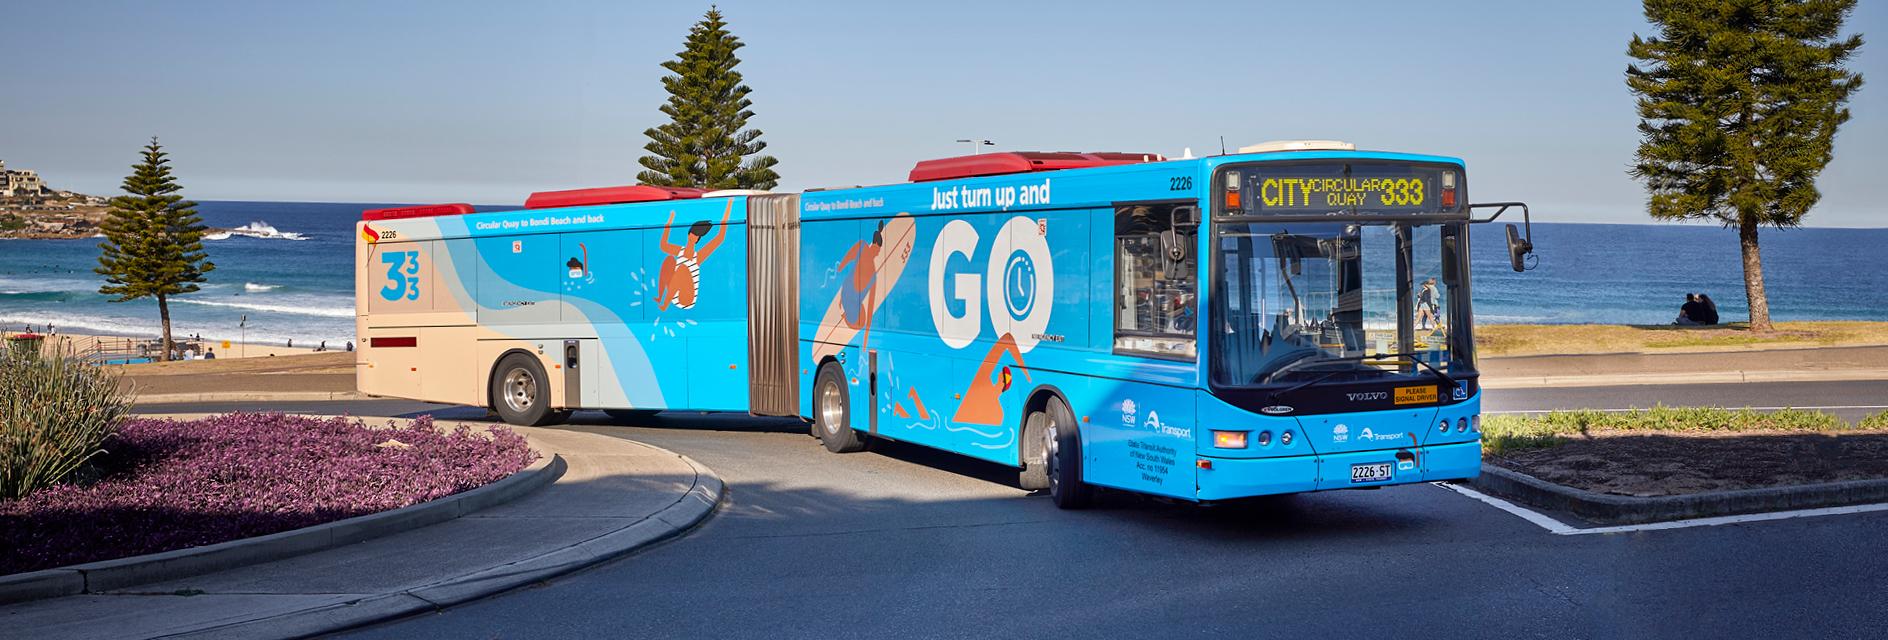 Bus Transportnsw Info